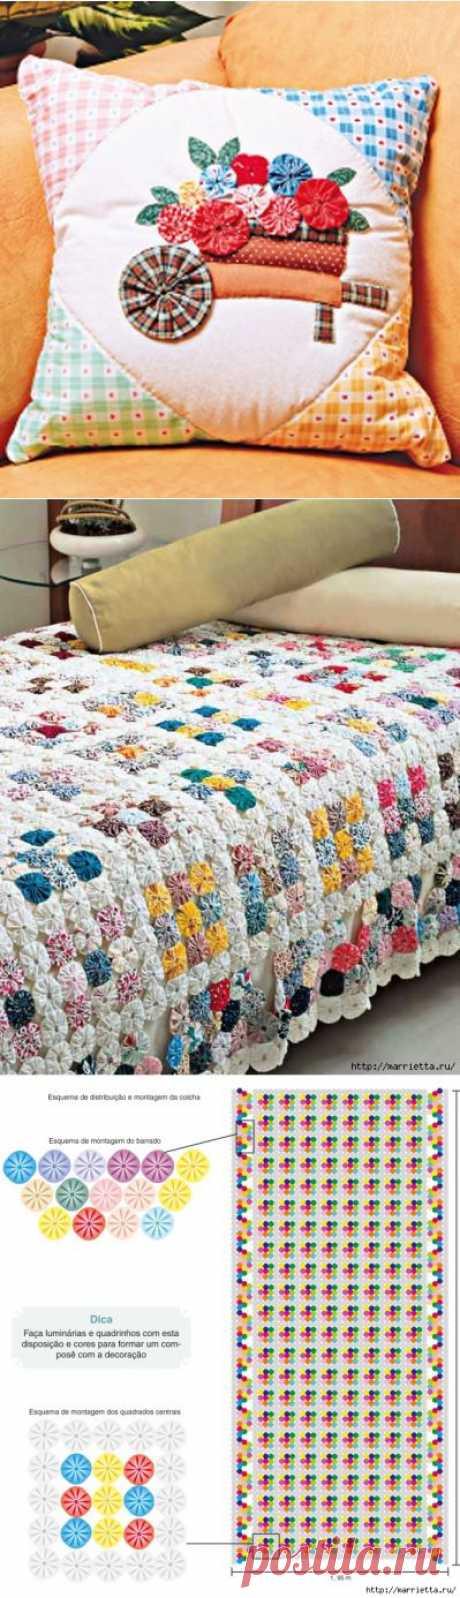 Цветочки ЙО-ЙО для покрывала и подушки.